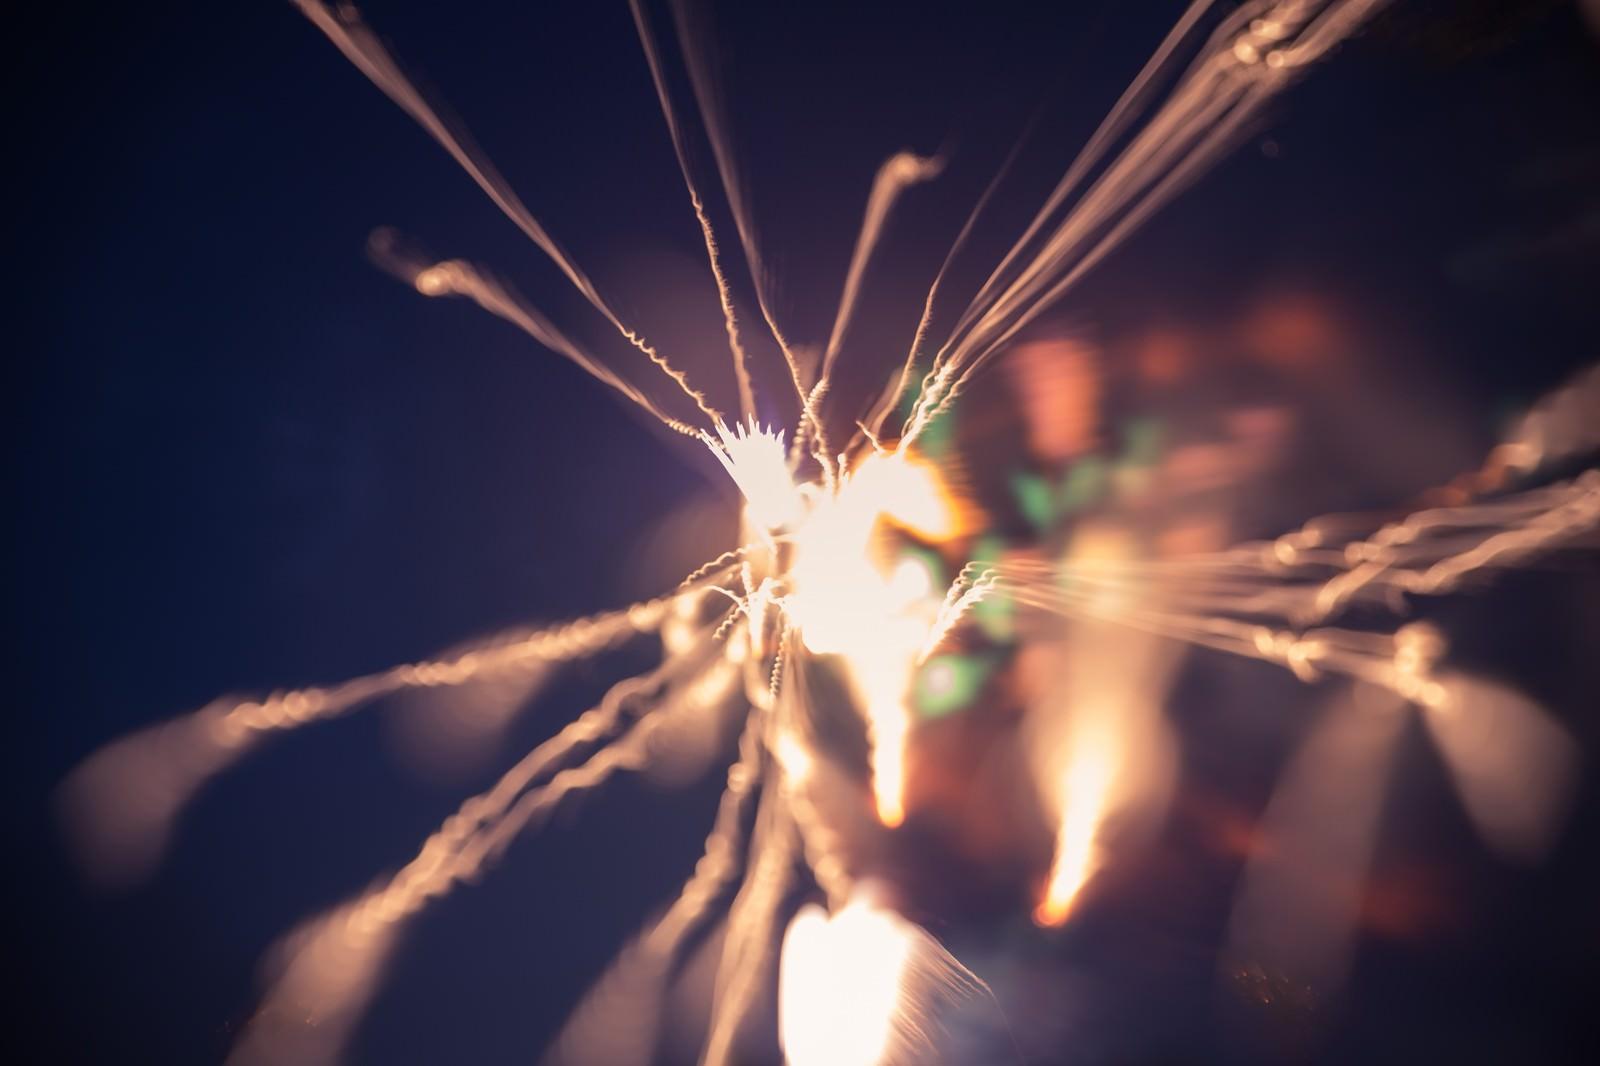 「暗闇で燃える小さい火花」の写真